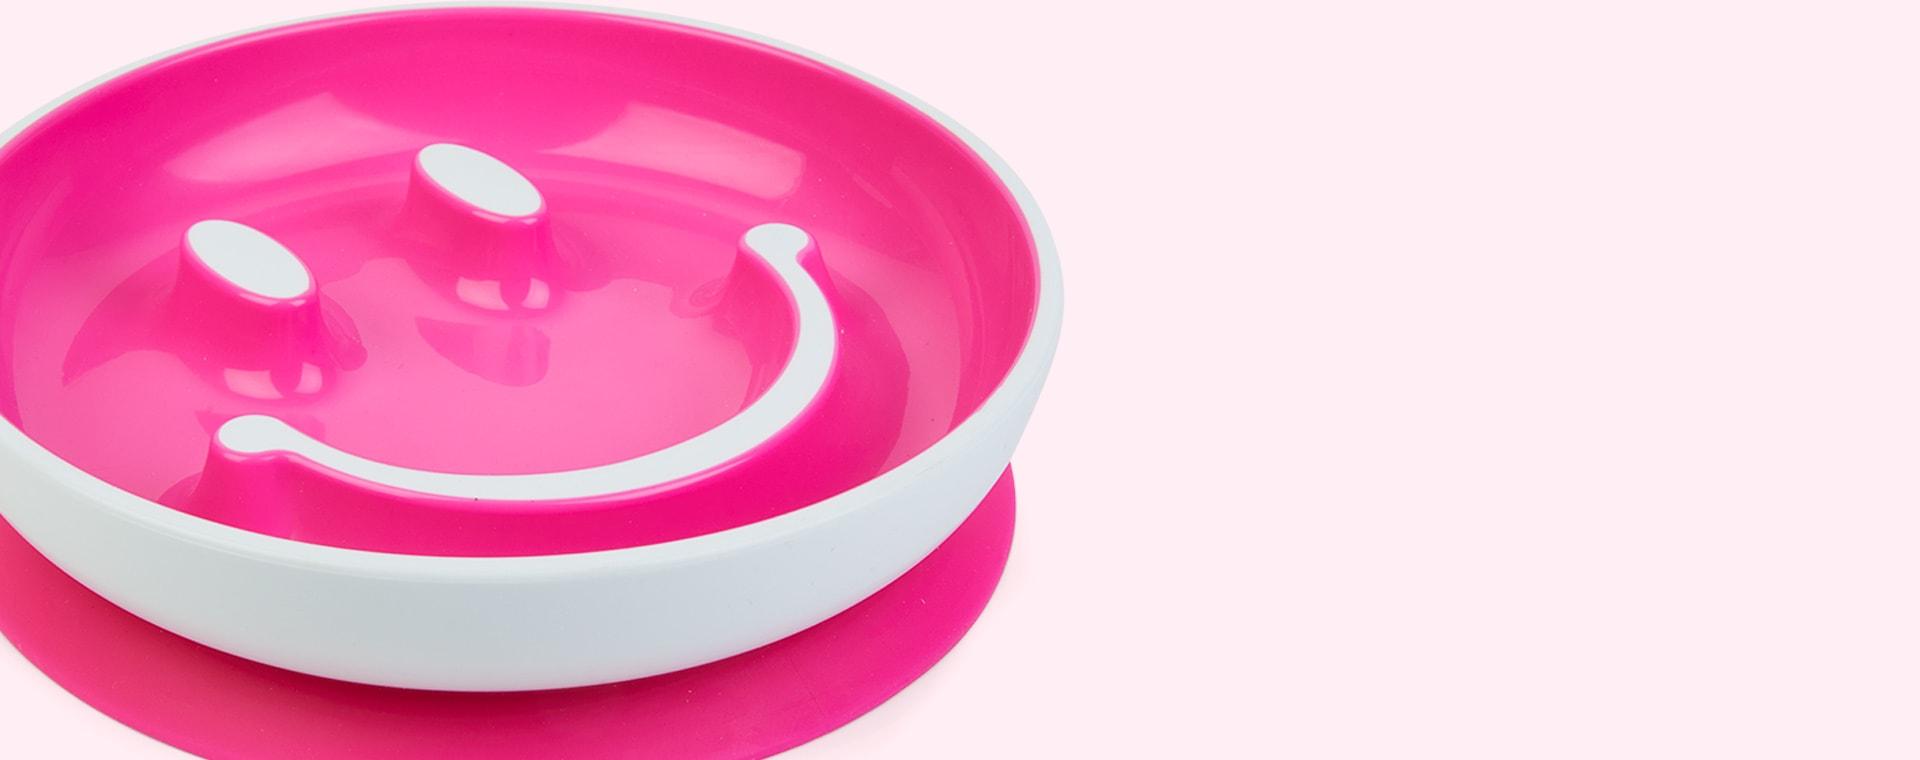 Pink Munchkin Be Happy Toddler Dining Set